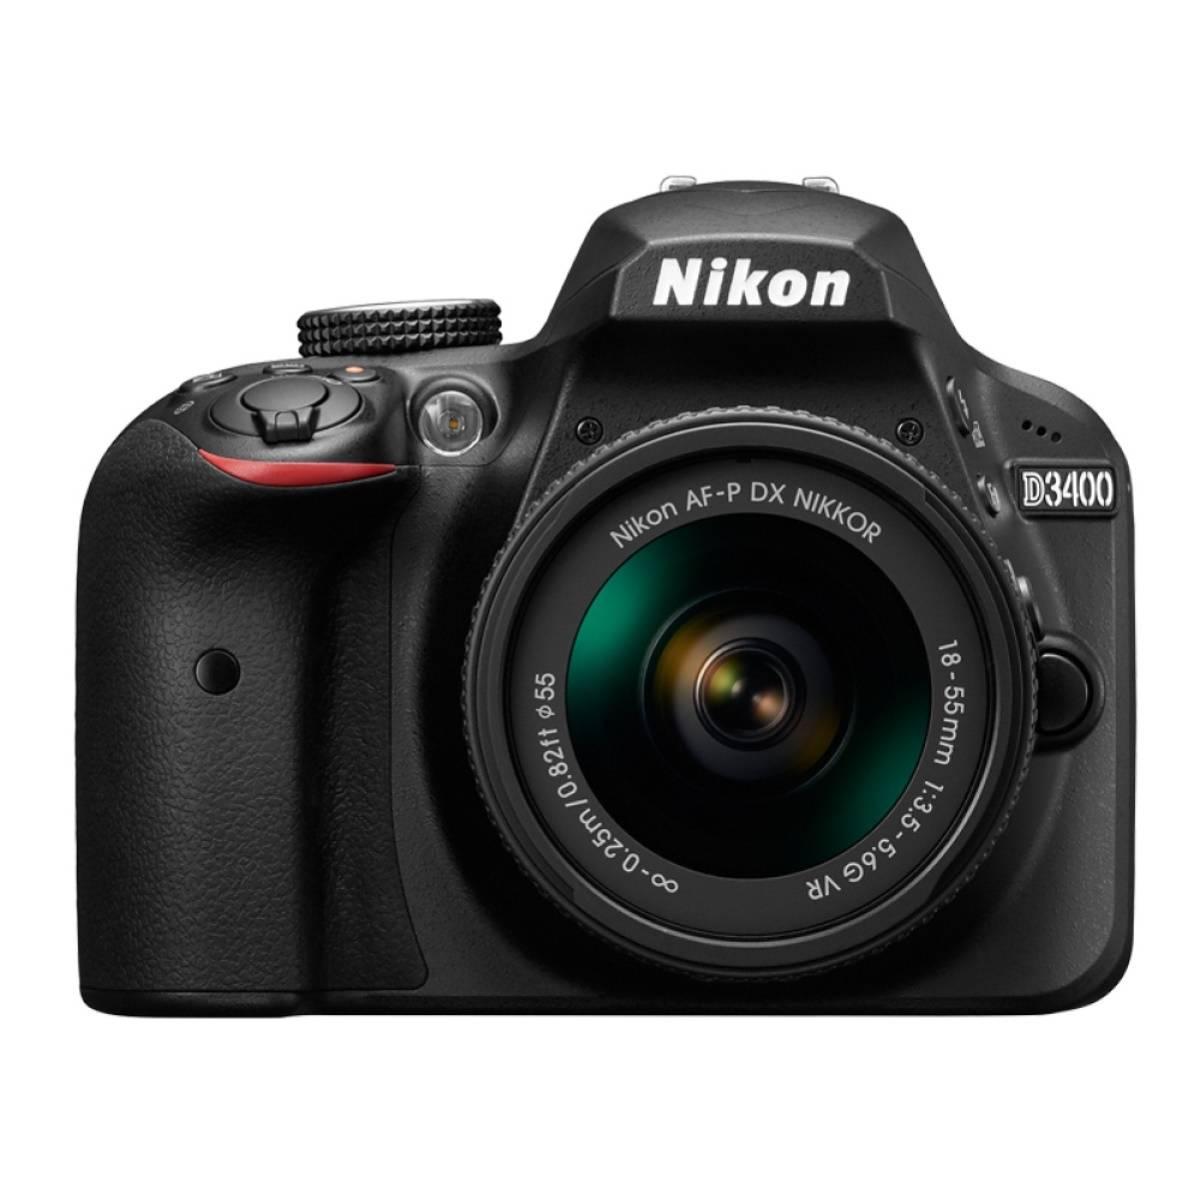 водонепроницаемые фотоаппараты самый дешевый определить, драгоценный или